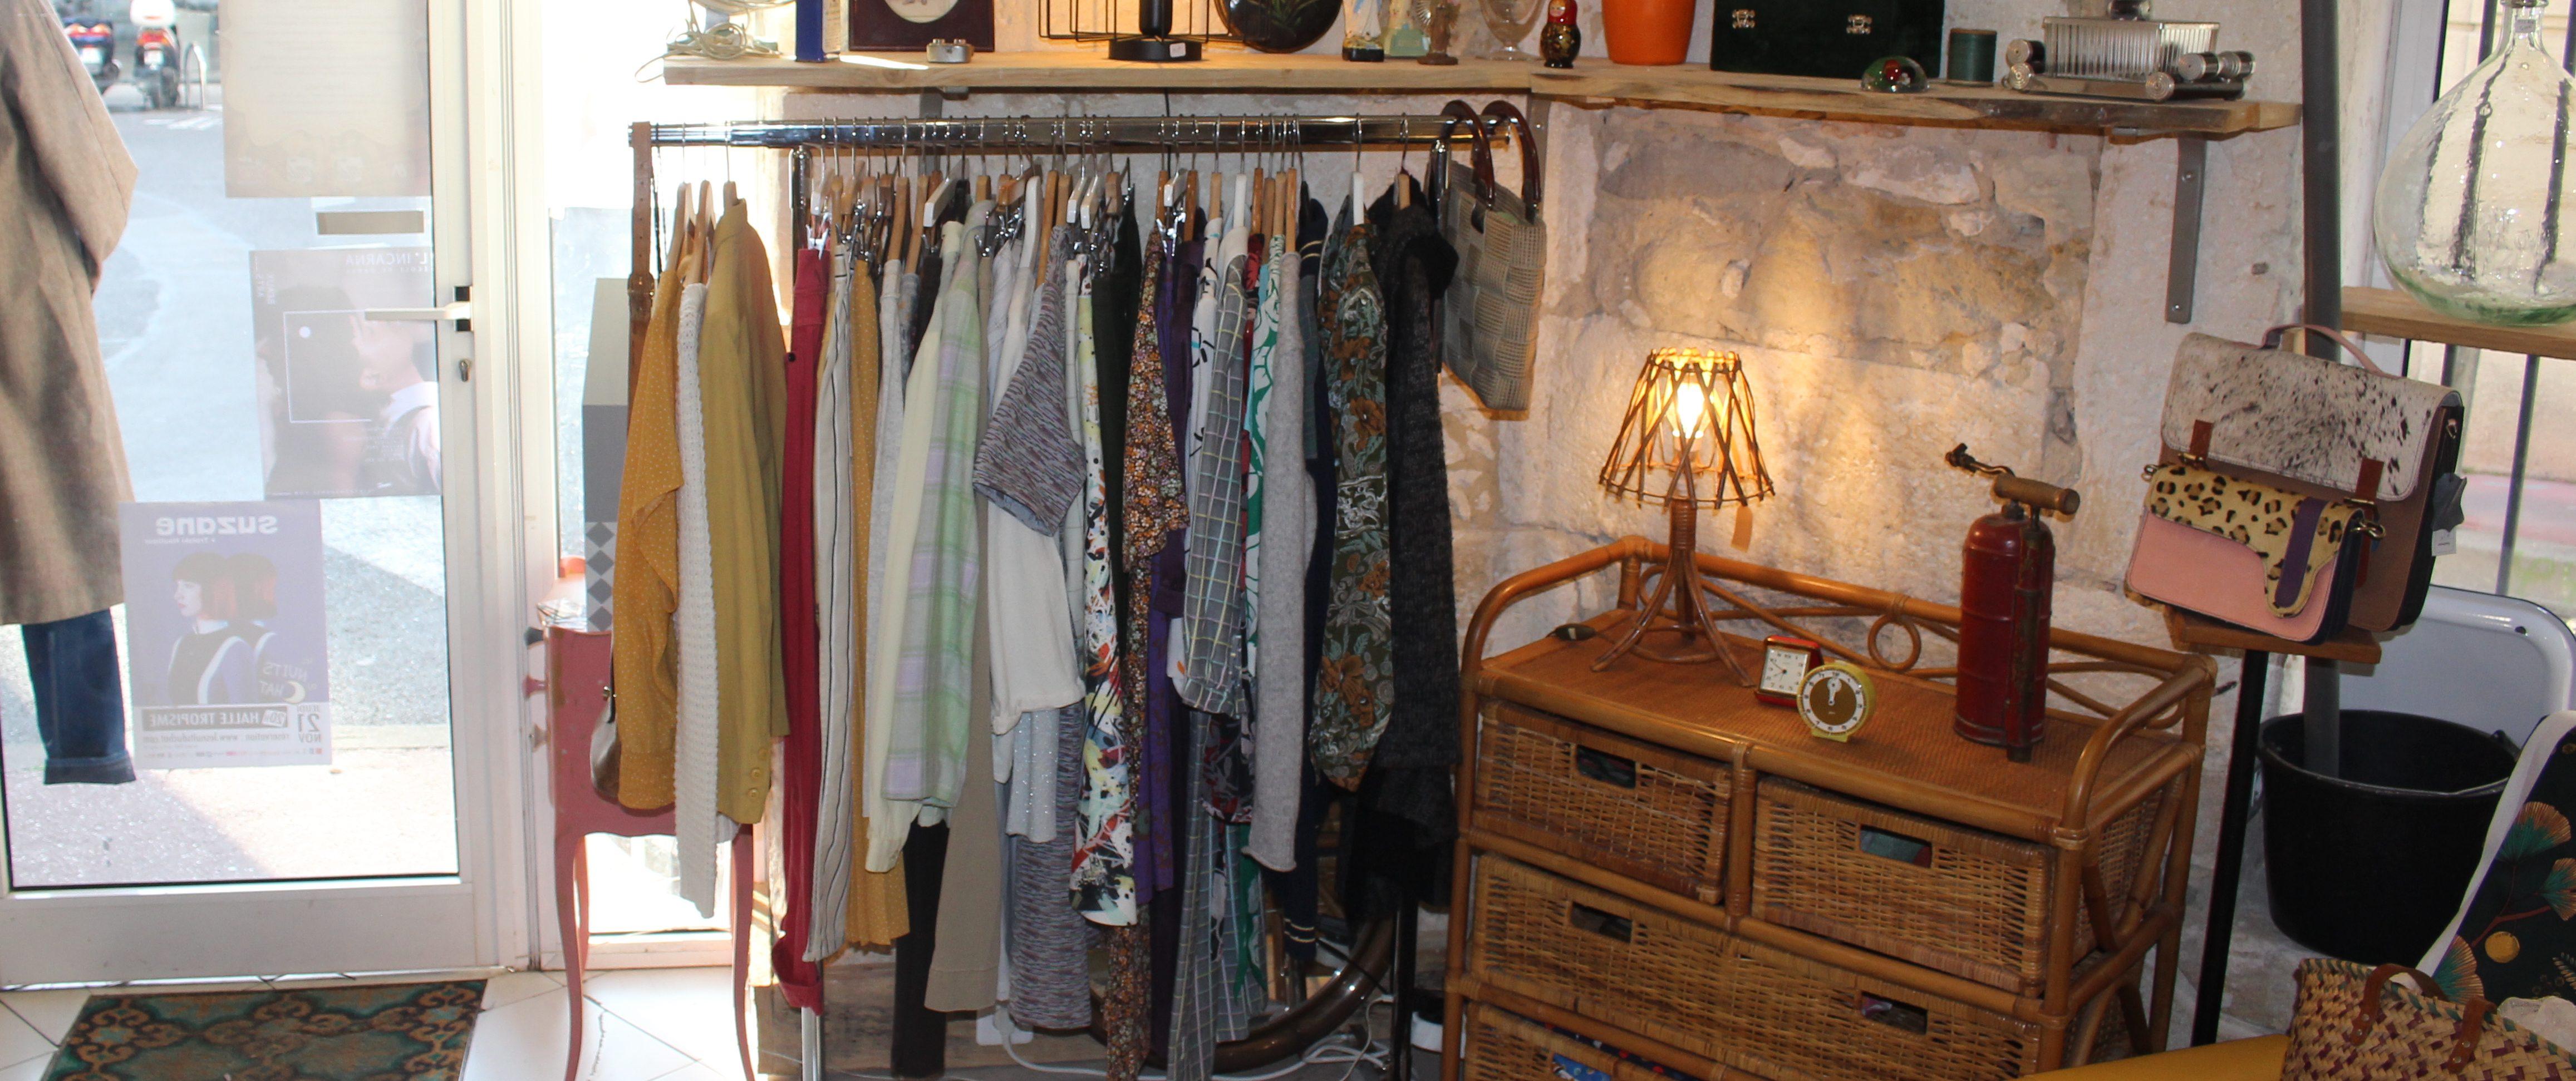 Portant de vêtements d'occasion #1 de la friperie l'hirondelle dans l'atelier